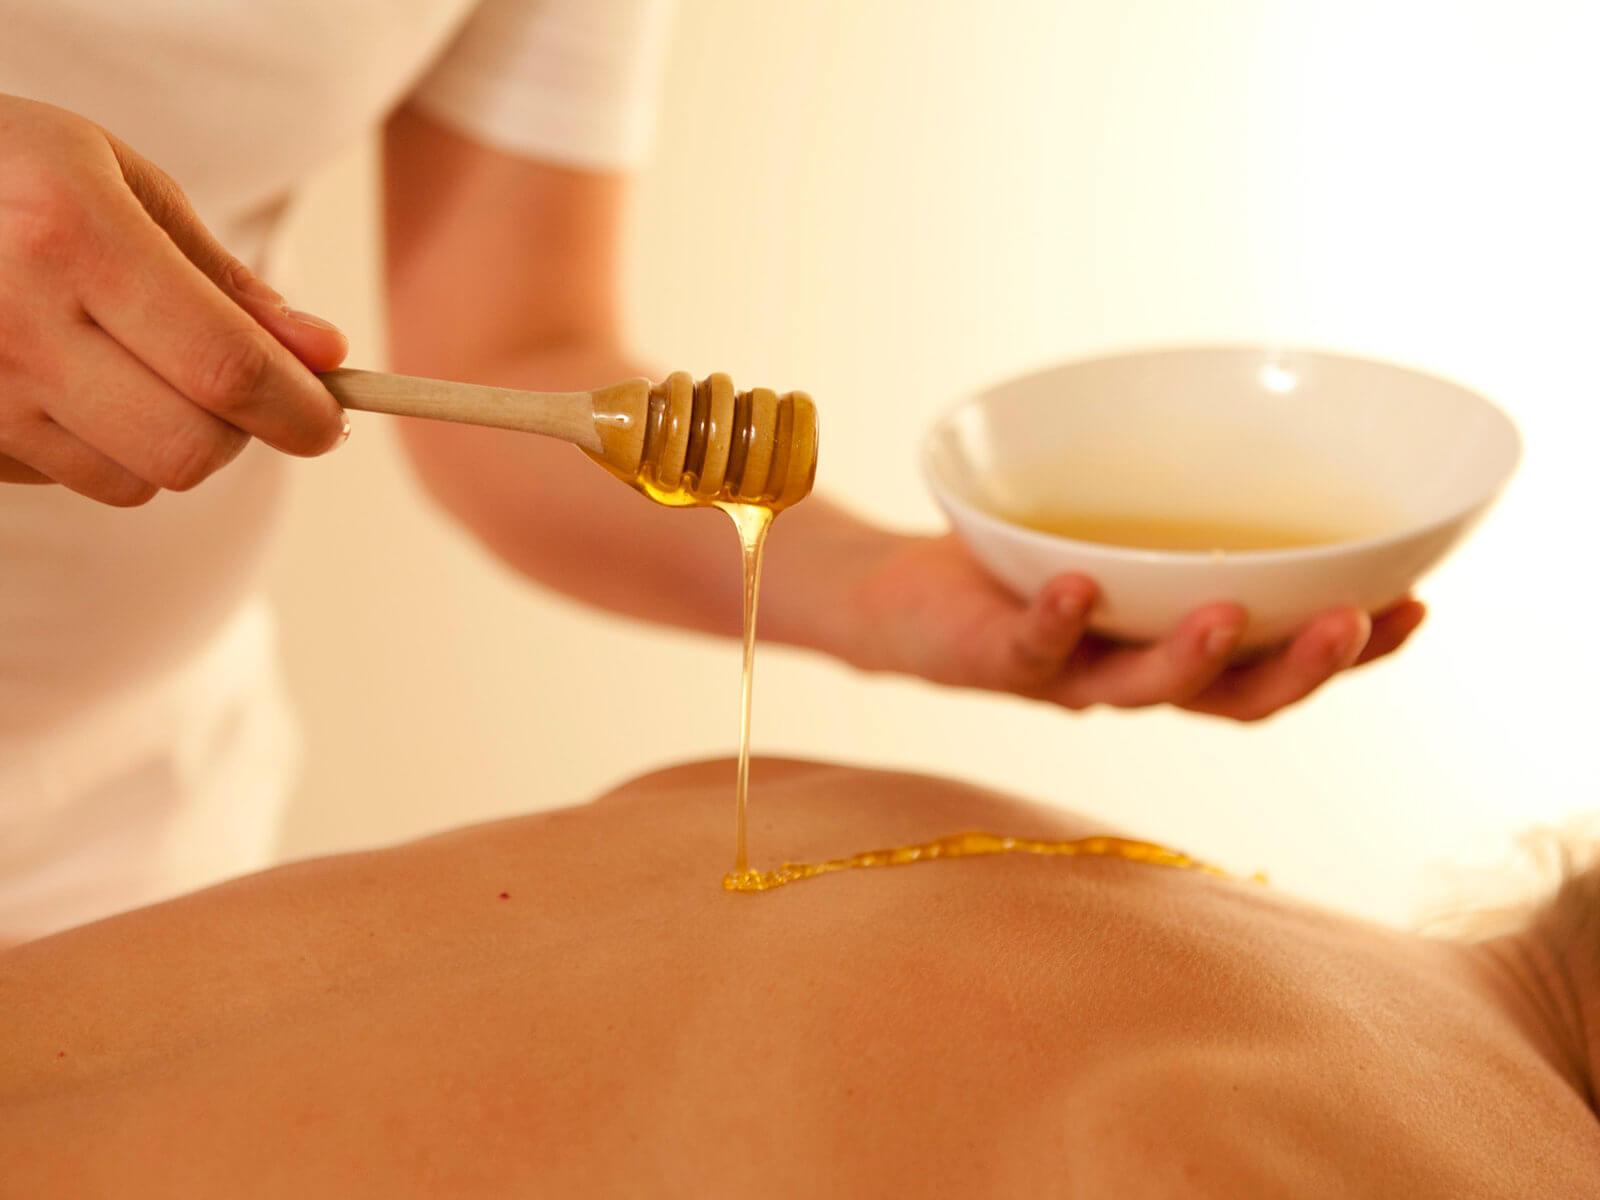 Массаж с медом от остеохондроза в домашних условиях